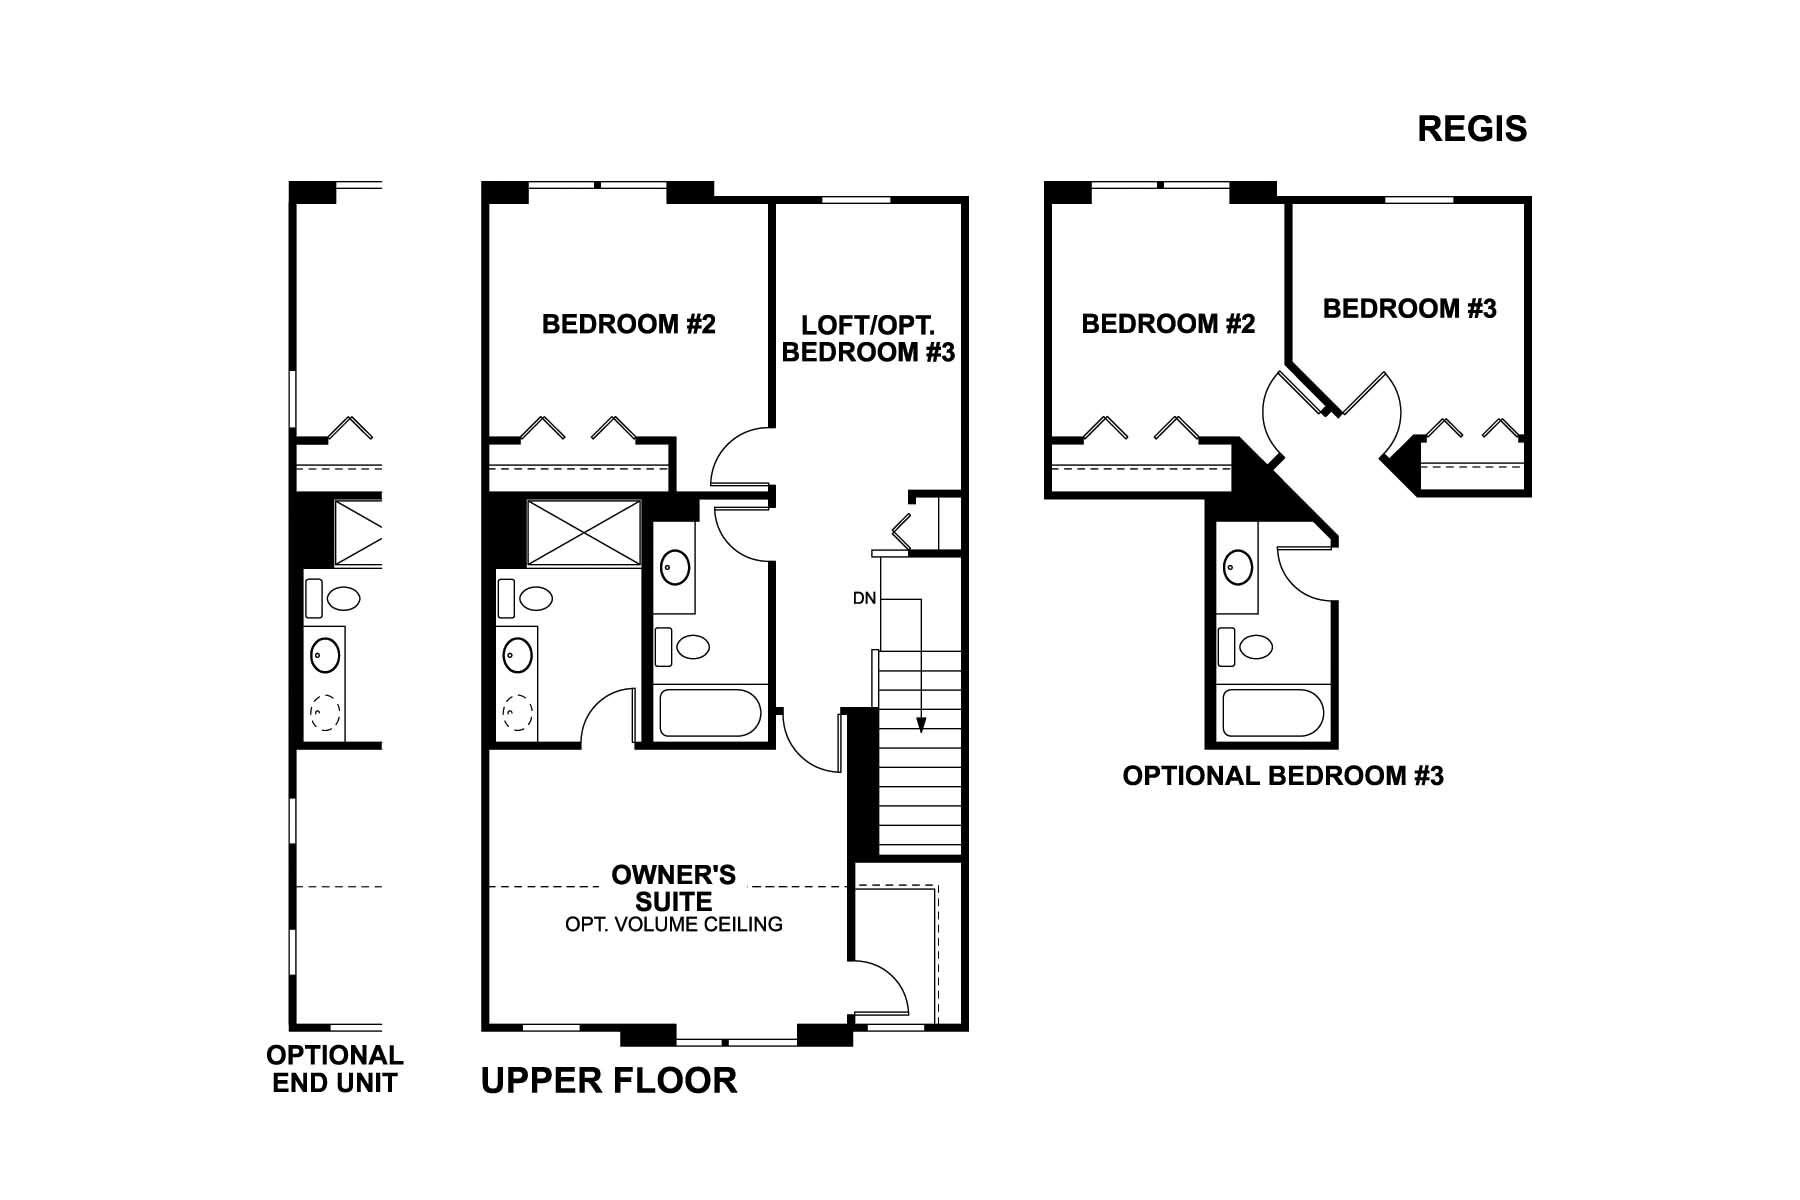 Regis Upper Floor